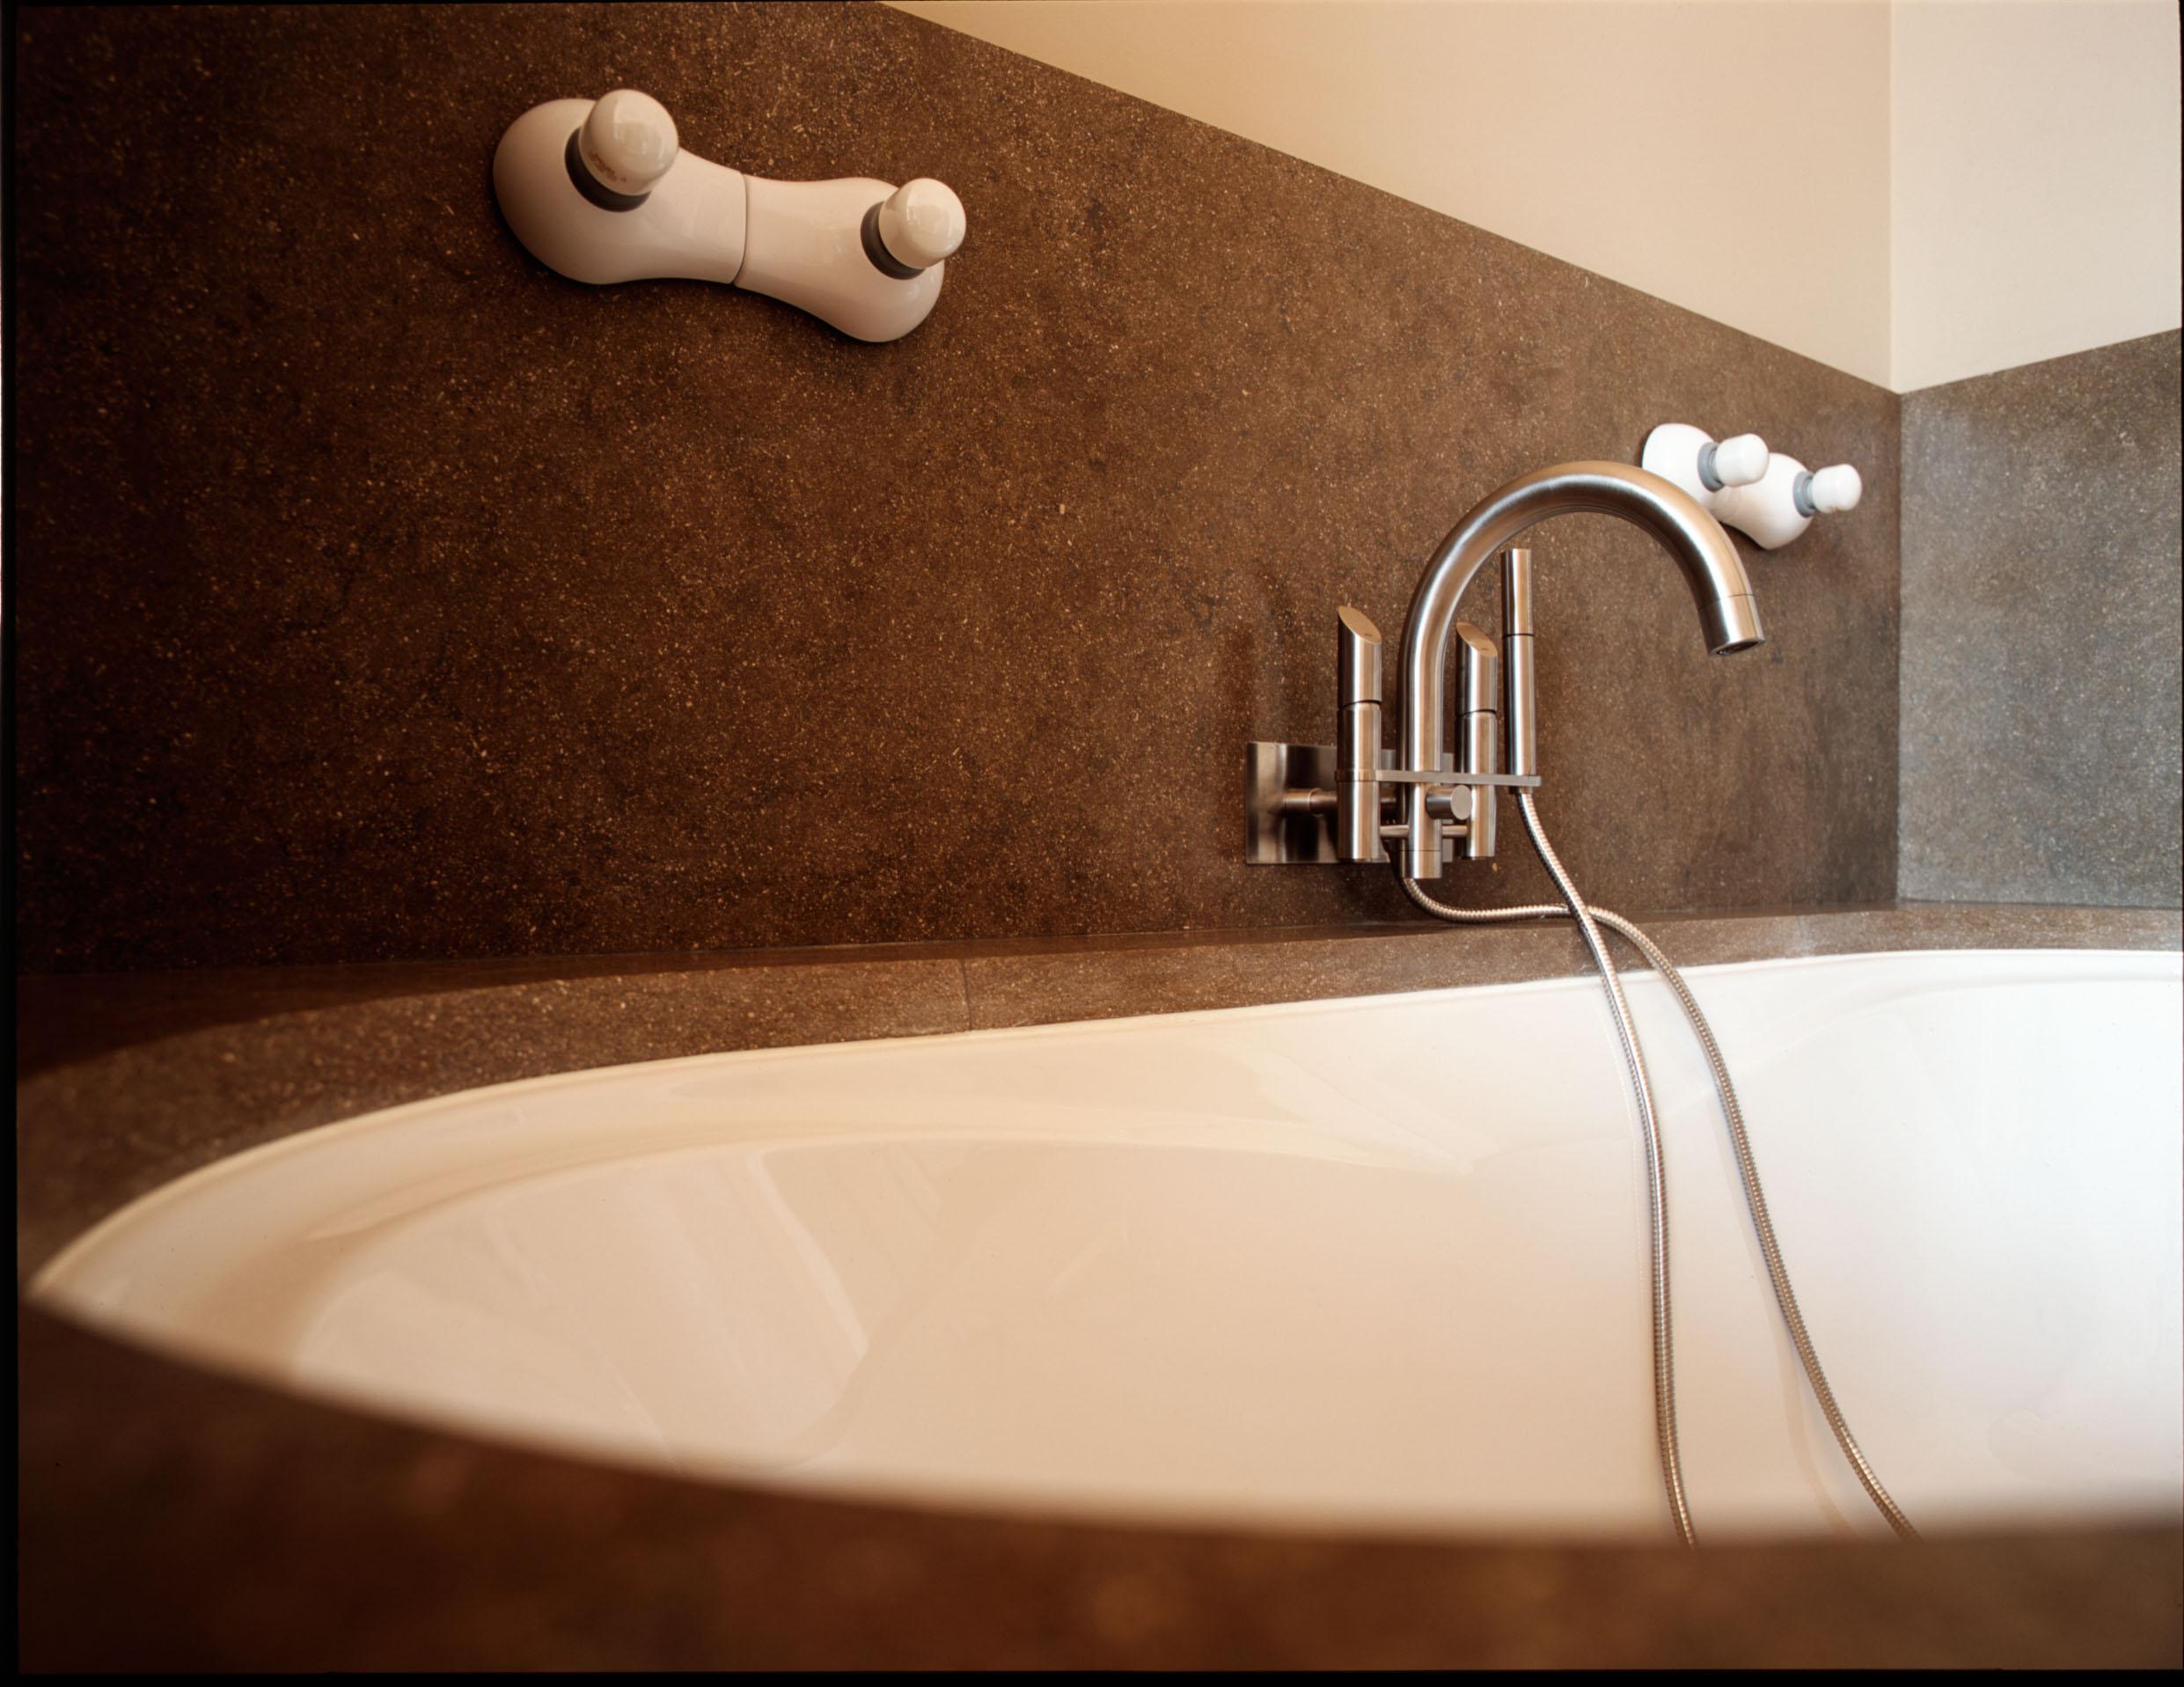 ברז אמבטיה מהקיר + מזלף